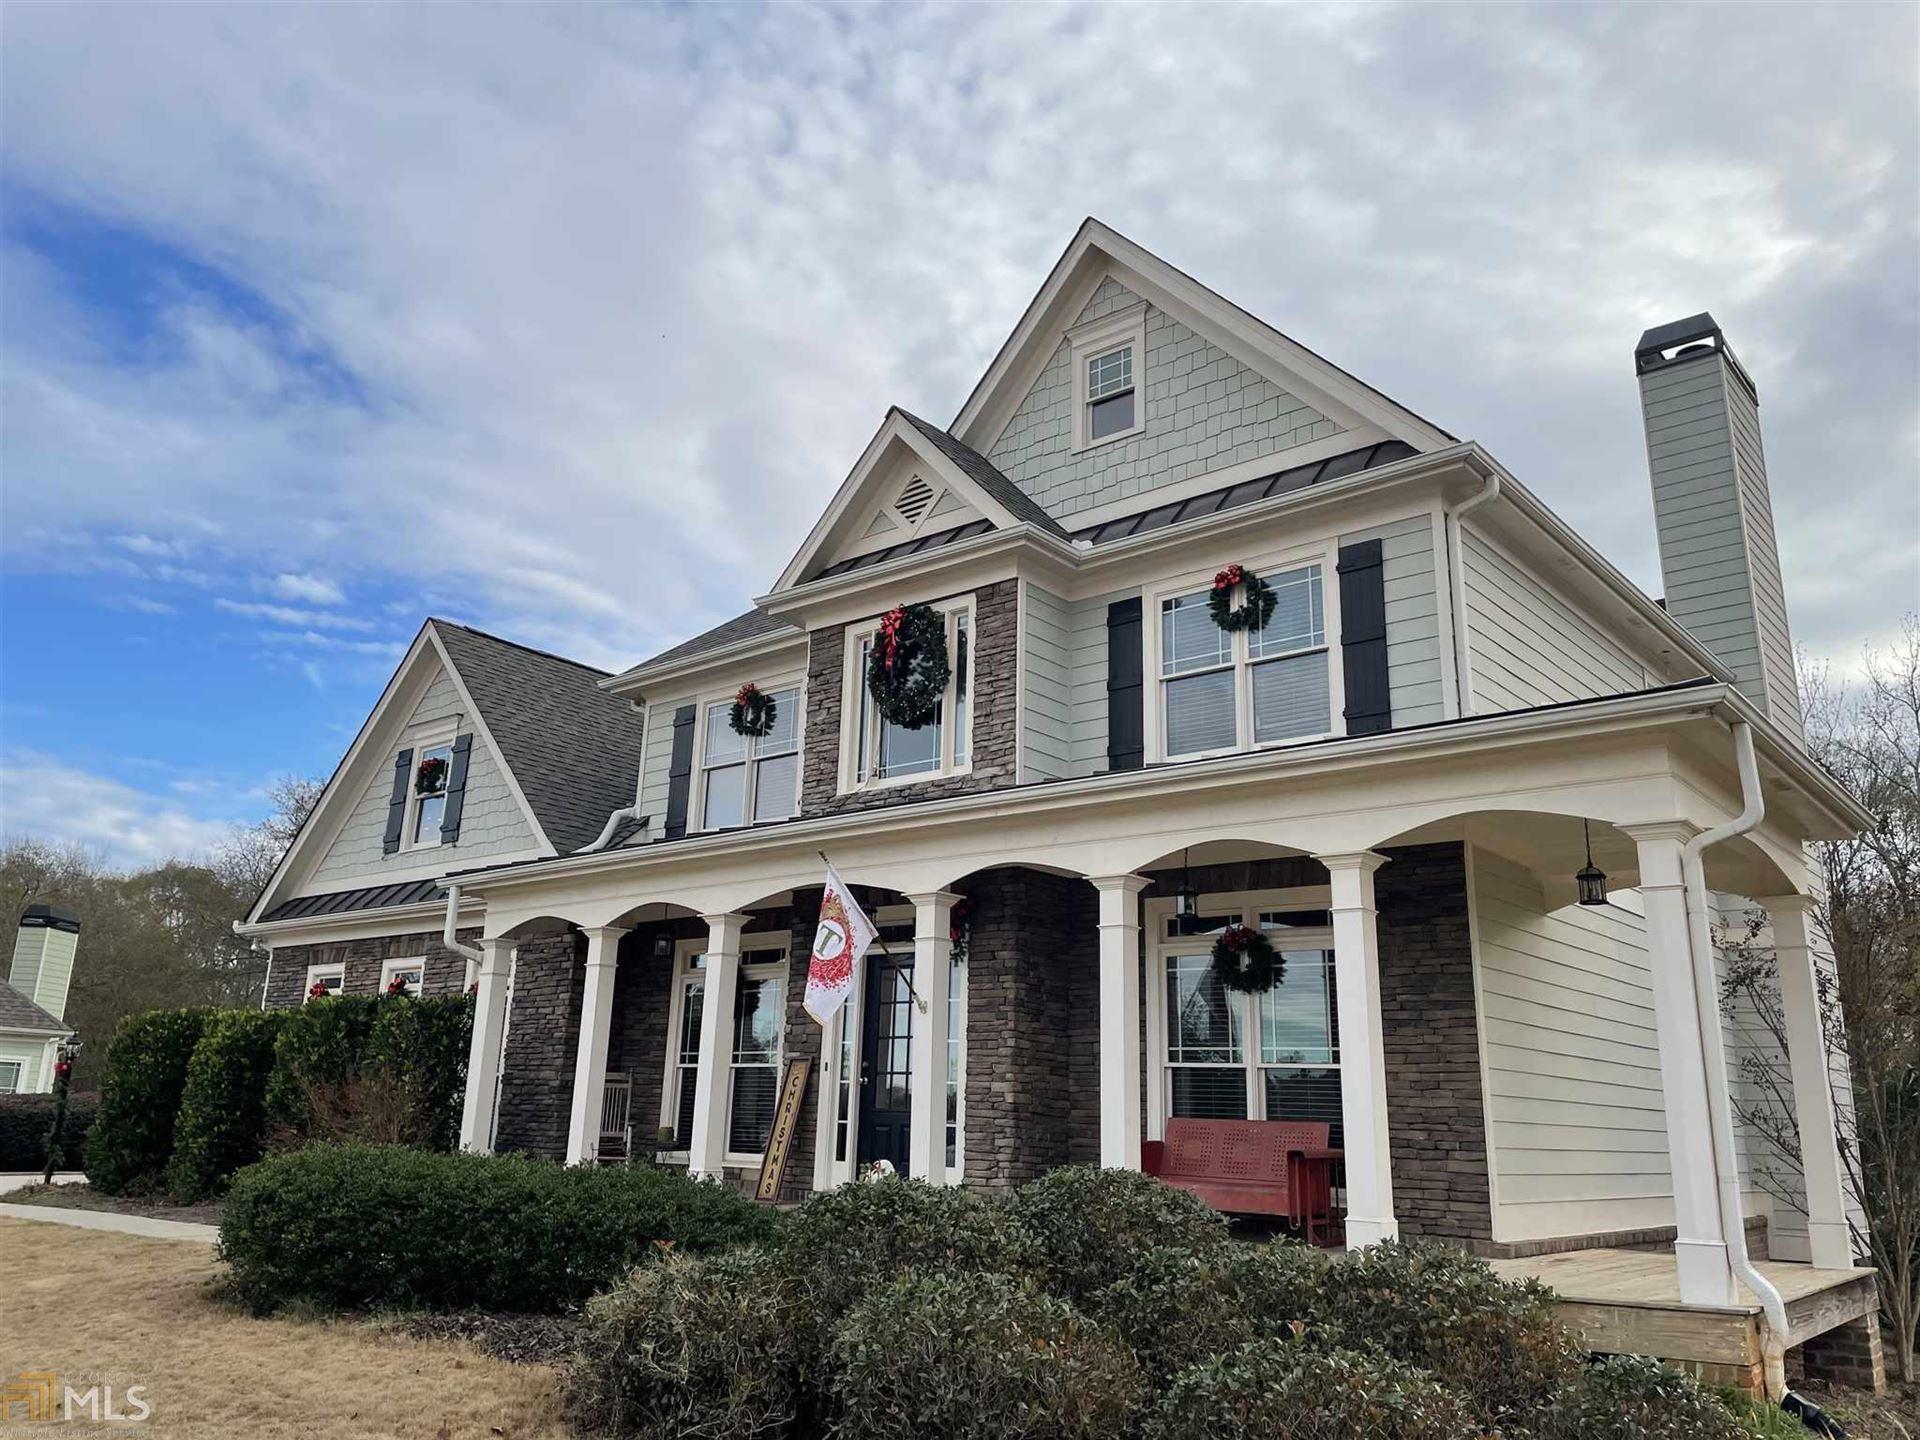 1422 Regency Walk, Watkinsville, GA 30677 - MLS#: 8907391